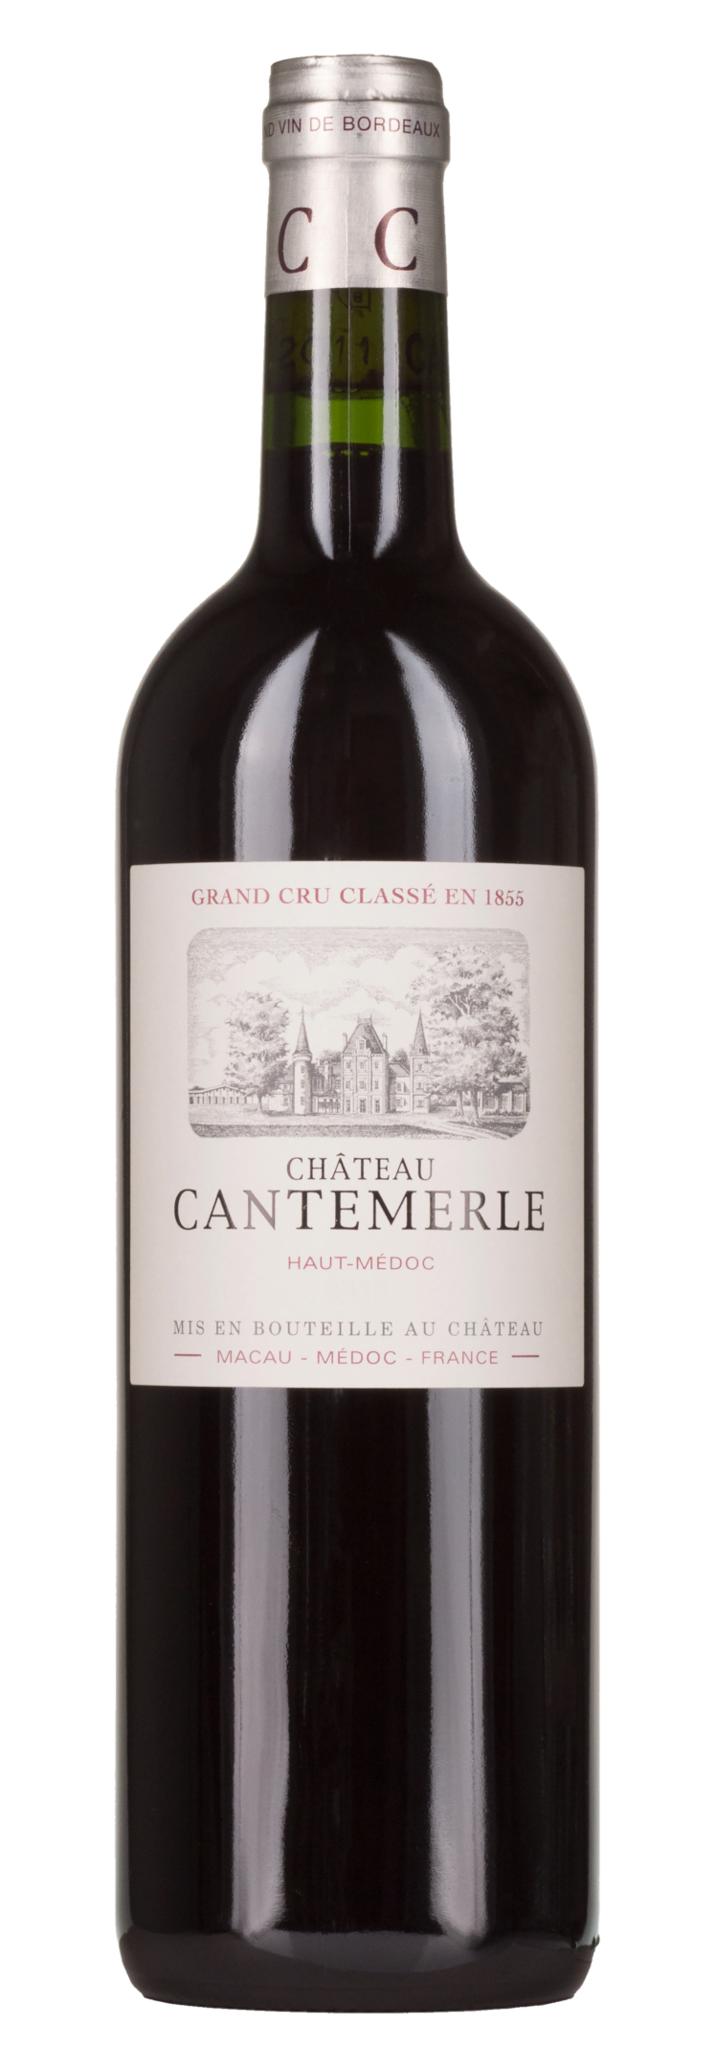 Chateau Cantemerle, Haut-Médoc 2016 Chateau Cantemerle 5. Grand Cru Classé Haut-Medoc